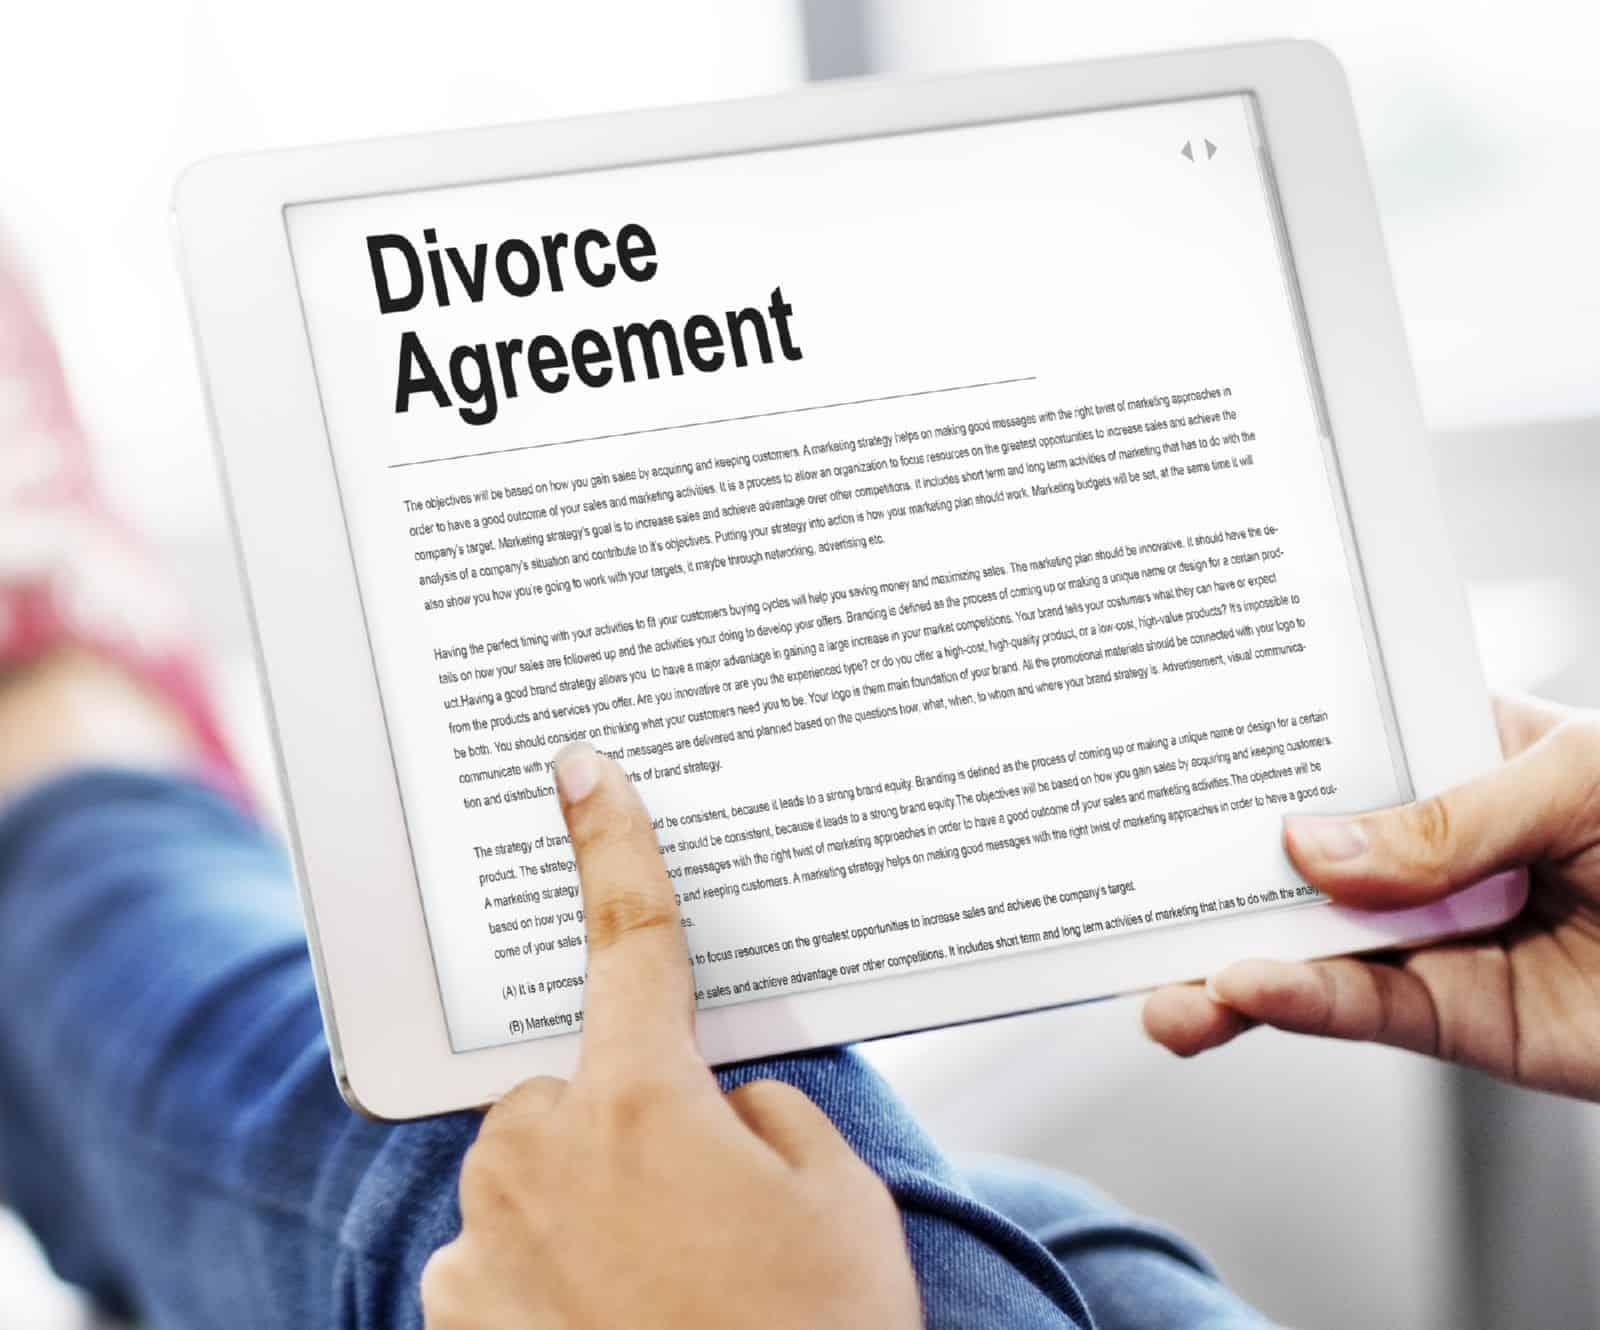 подать заявление на развод в суд через интернет госуслуги Тут Джезерак